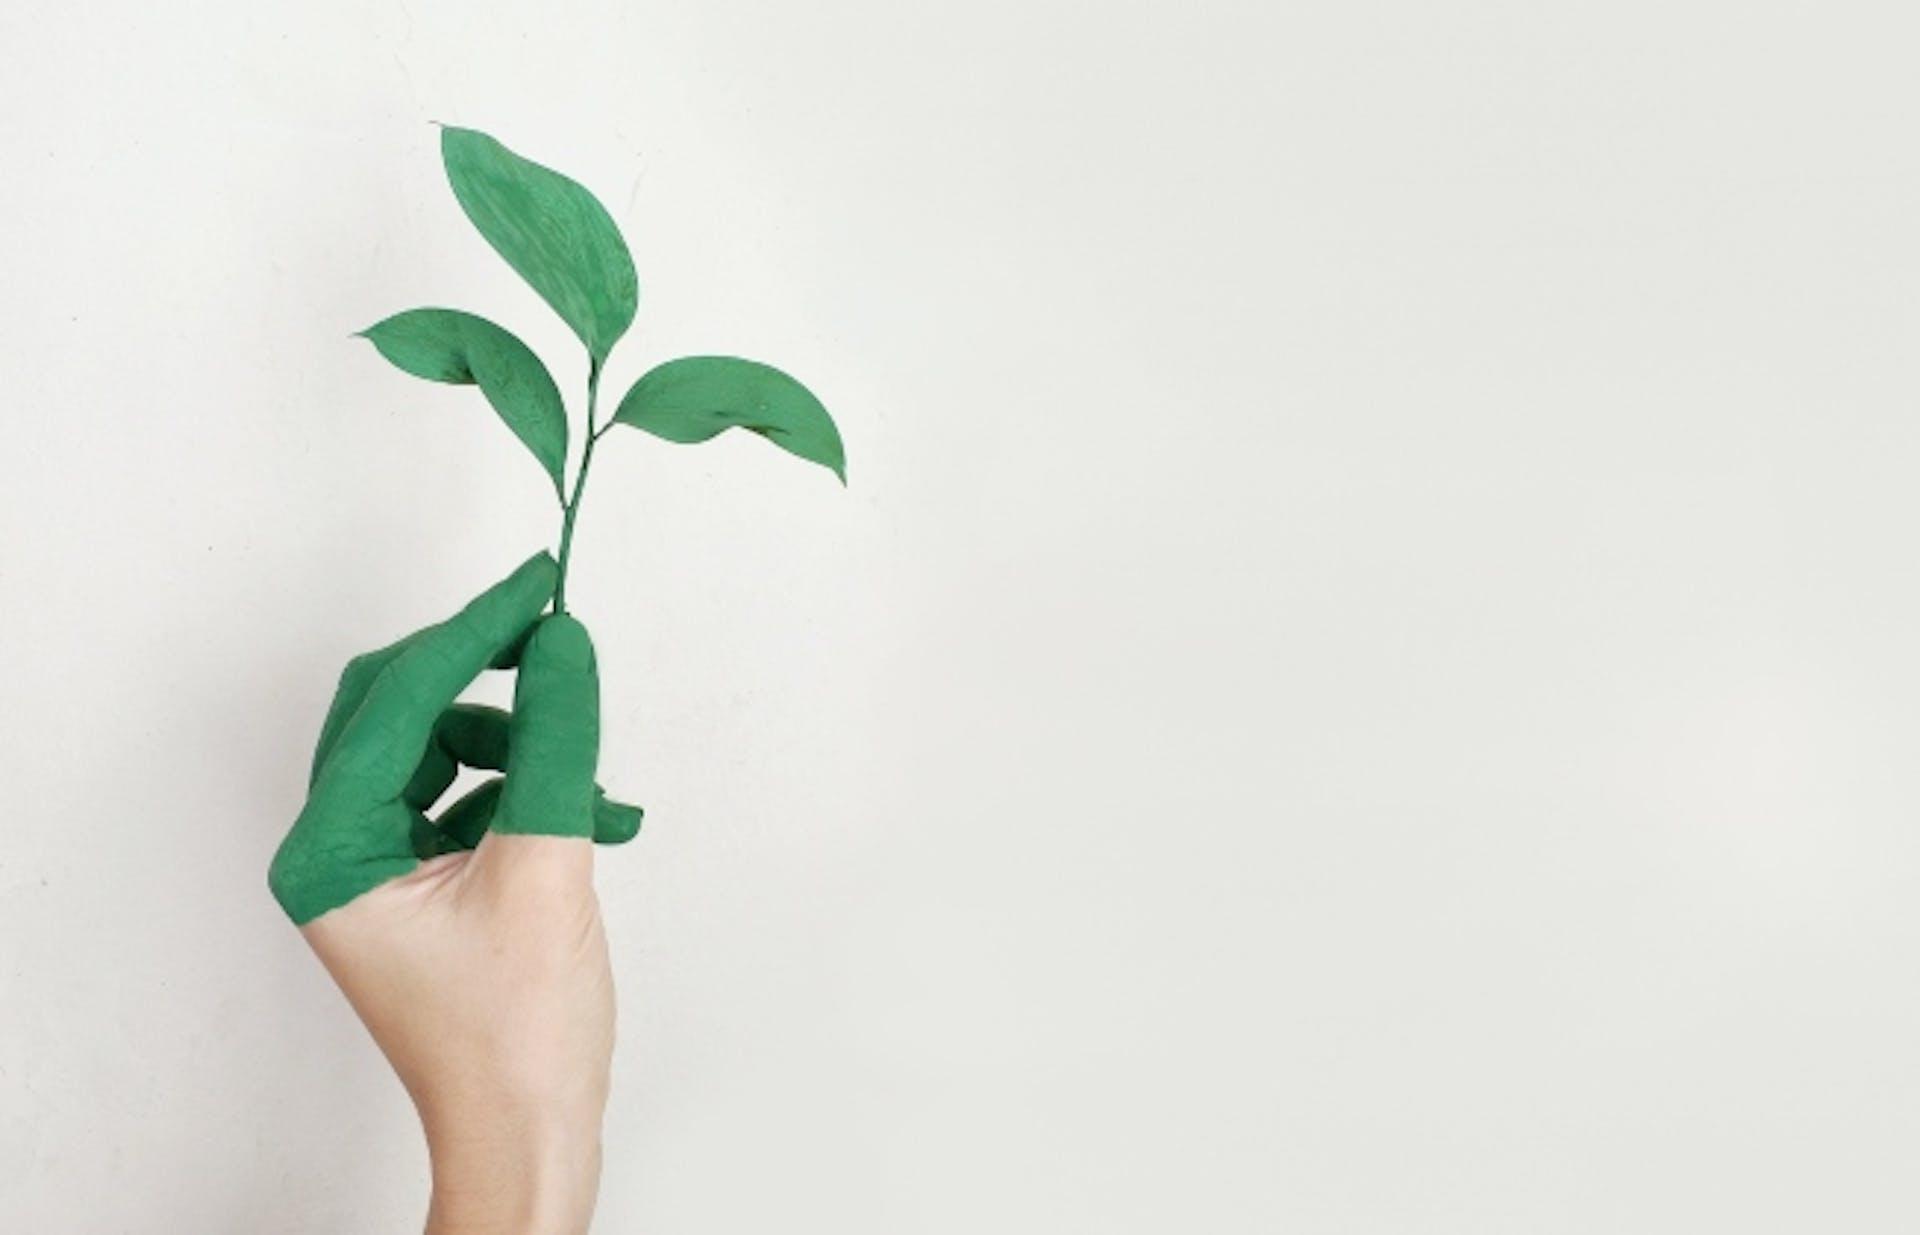 ¿El emprendimiento sustentable es el futuro? Vuélvete eco-emprendedor con estas ideas